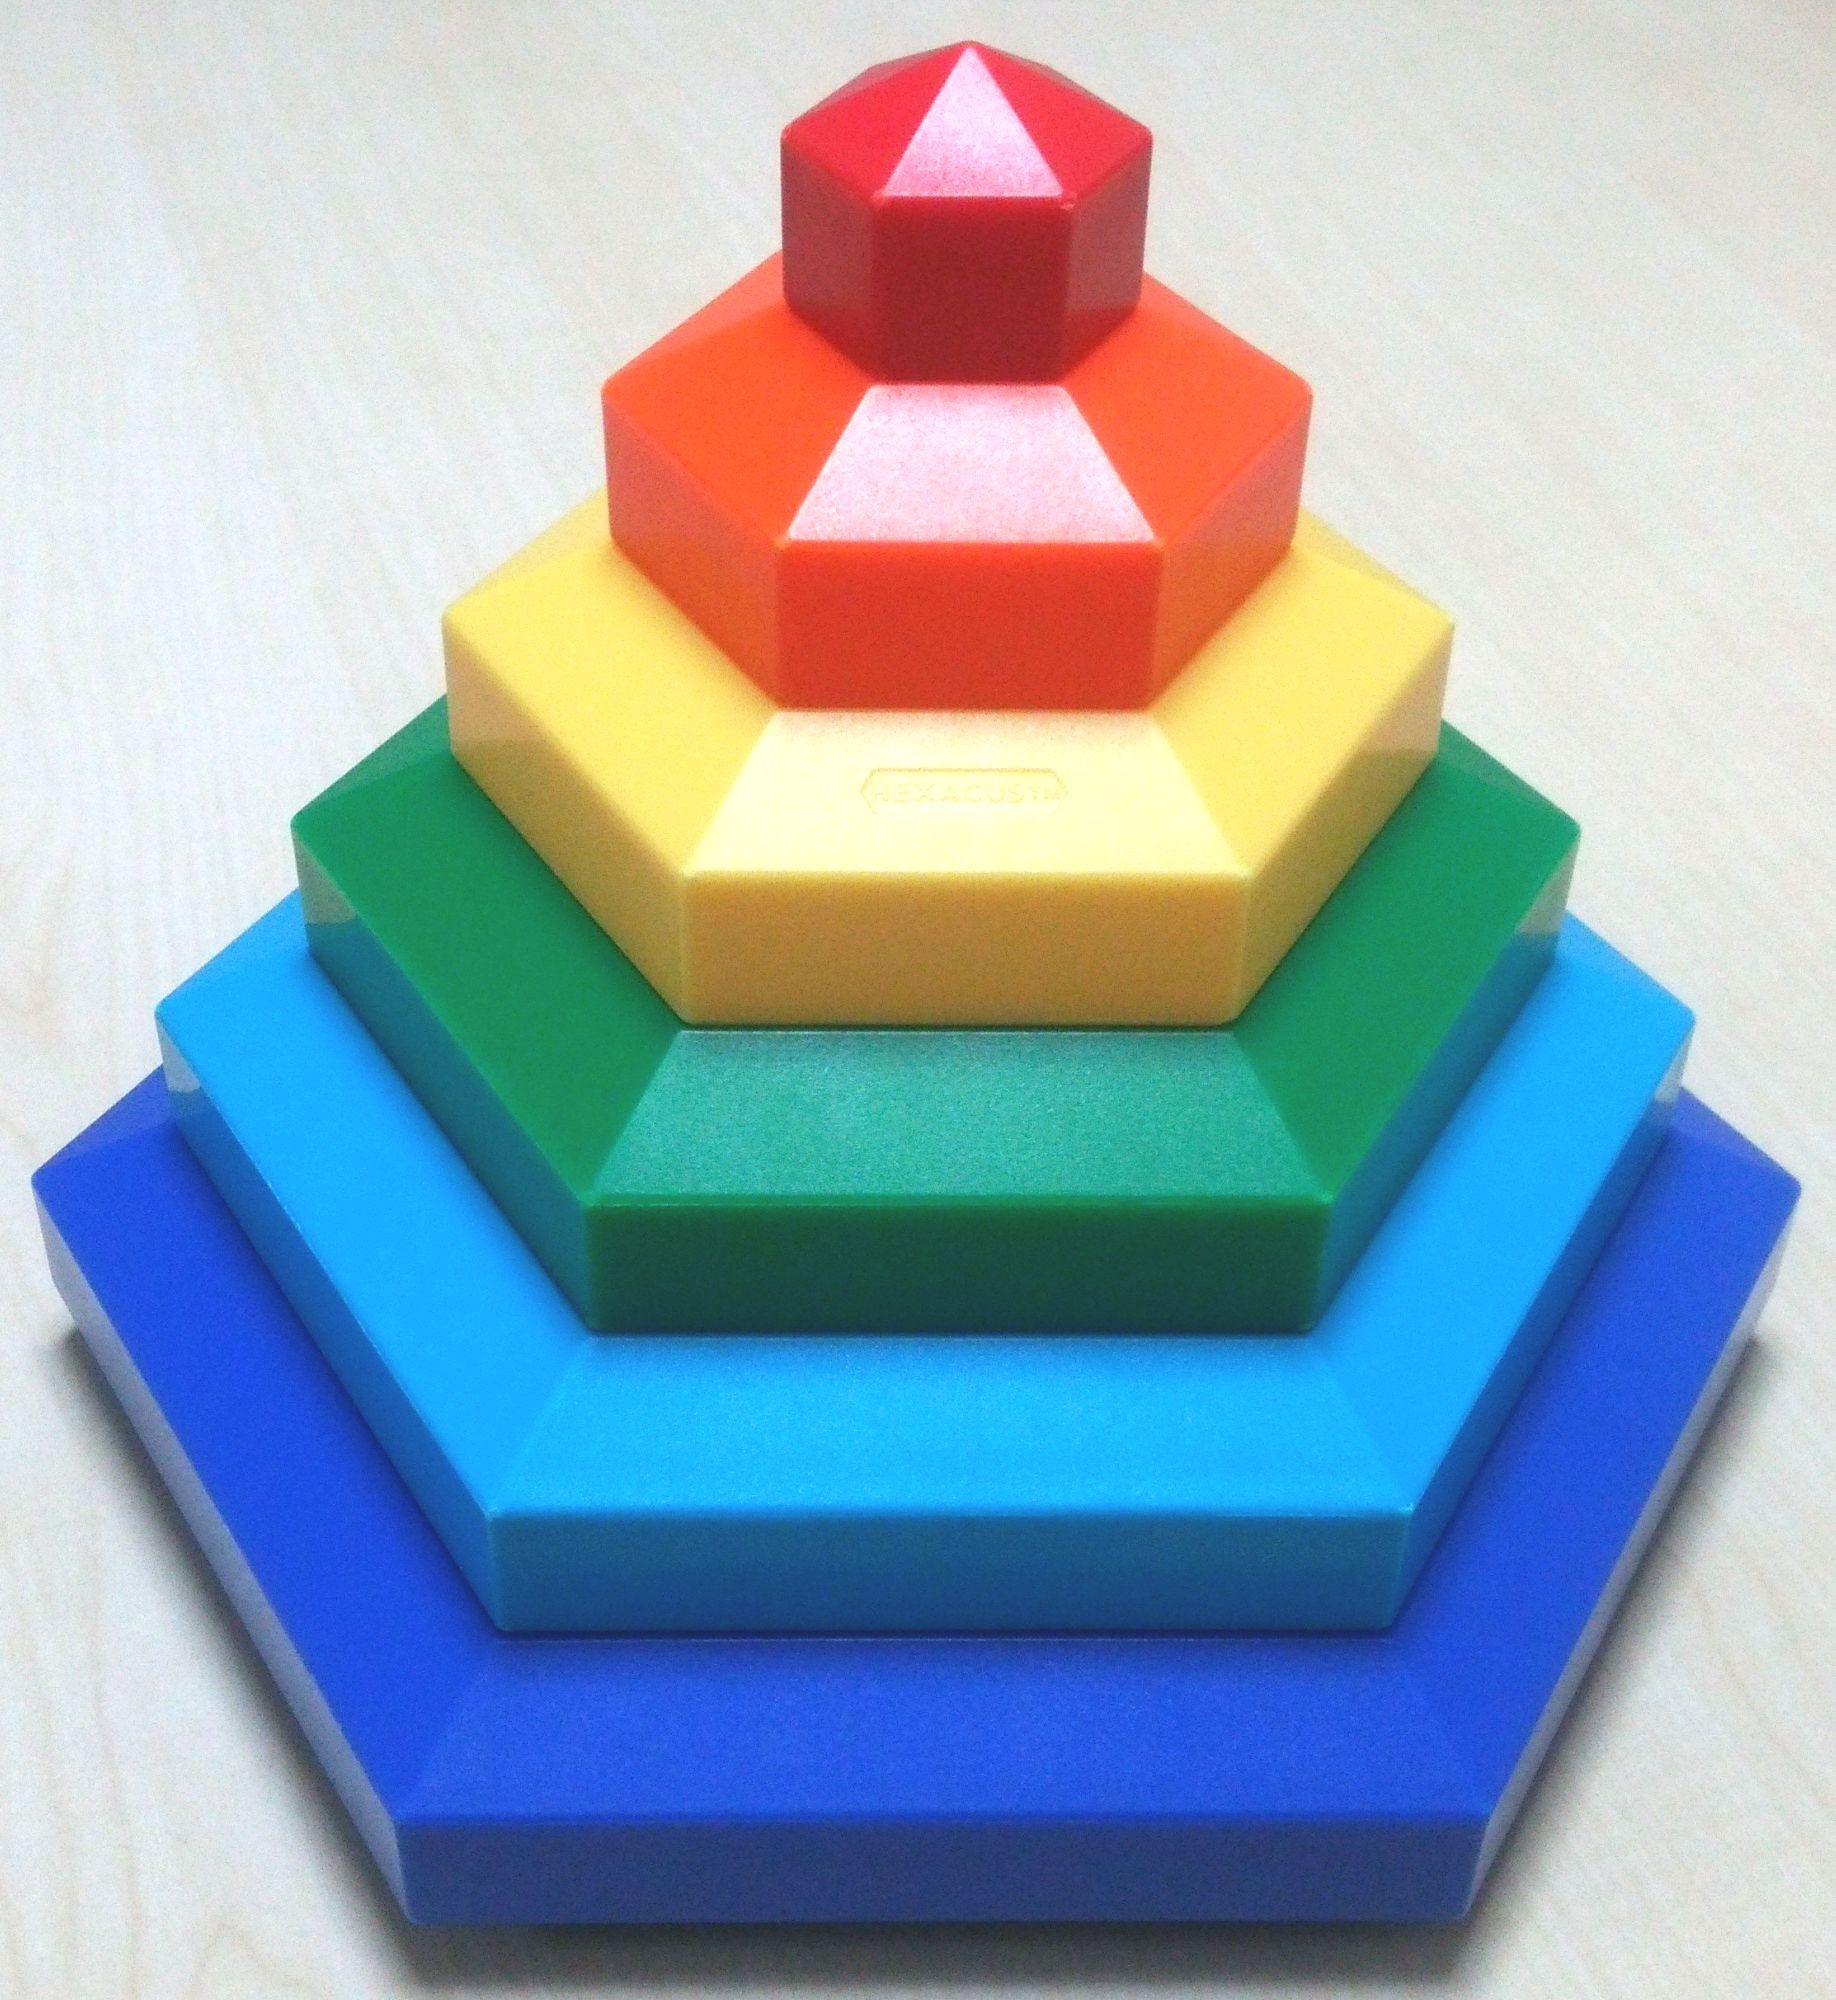 2歳児さん~年長さんまでが夢中で遊ぶおもちゃ、ボーネルンド『ヘキサカス』